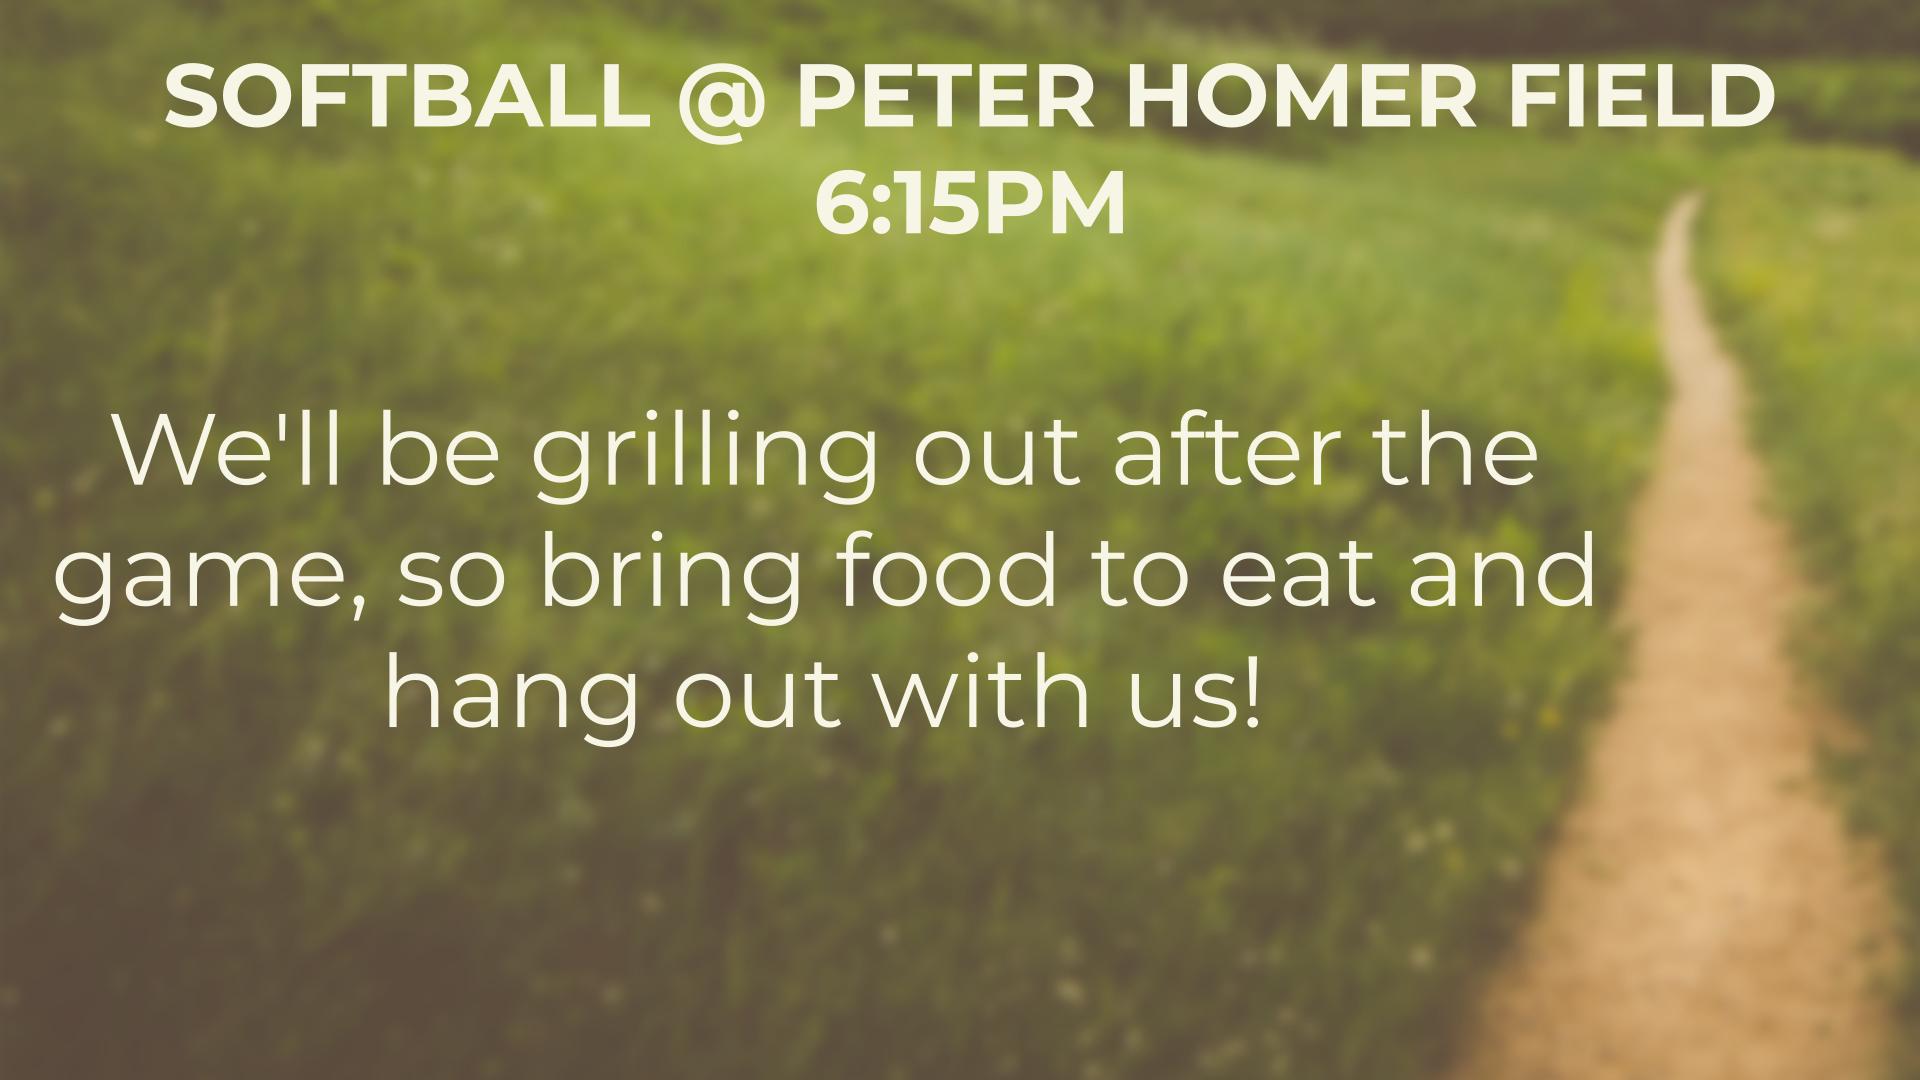 Softball @ Peter Homer Field 6:15pm